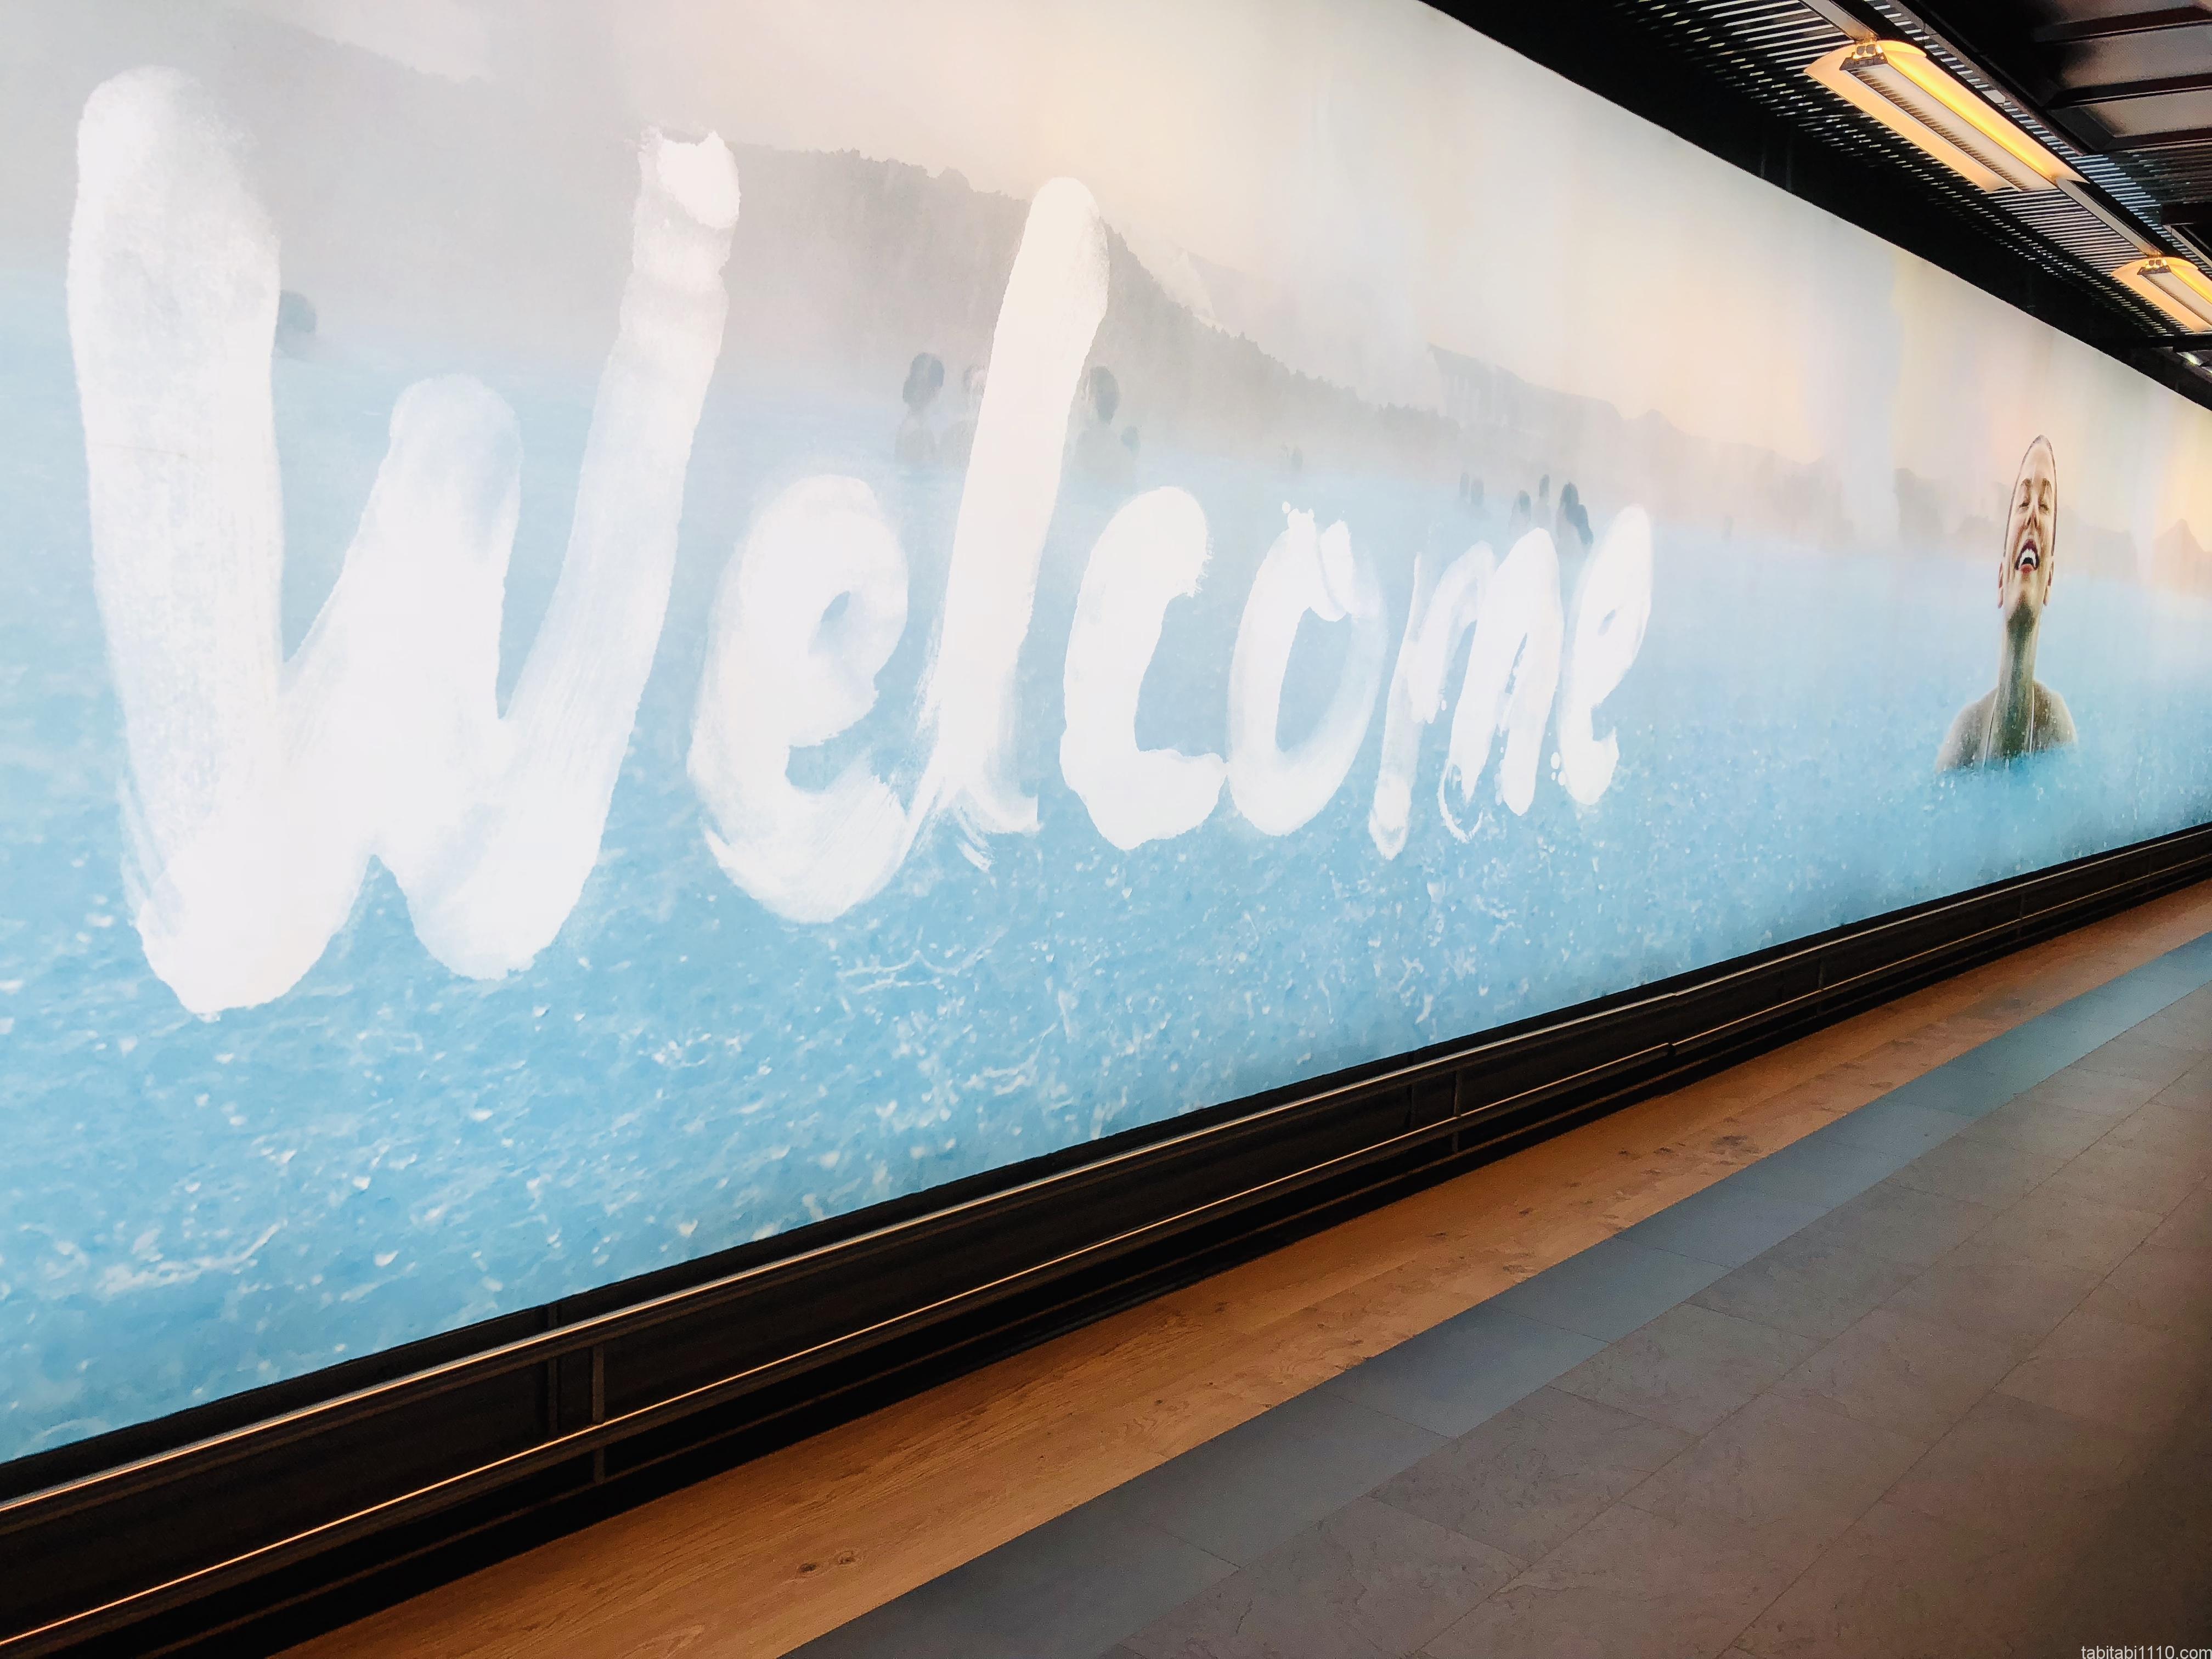 ケプラヴィーク国際空港の看板